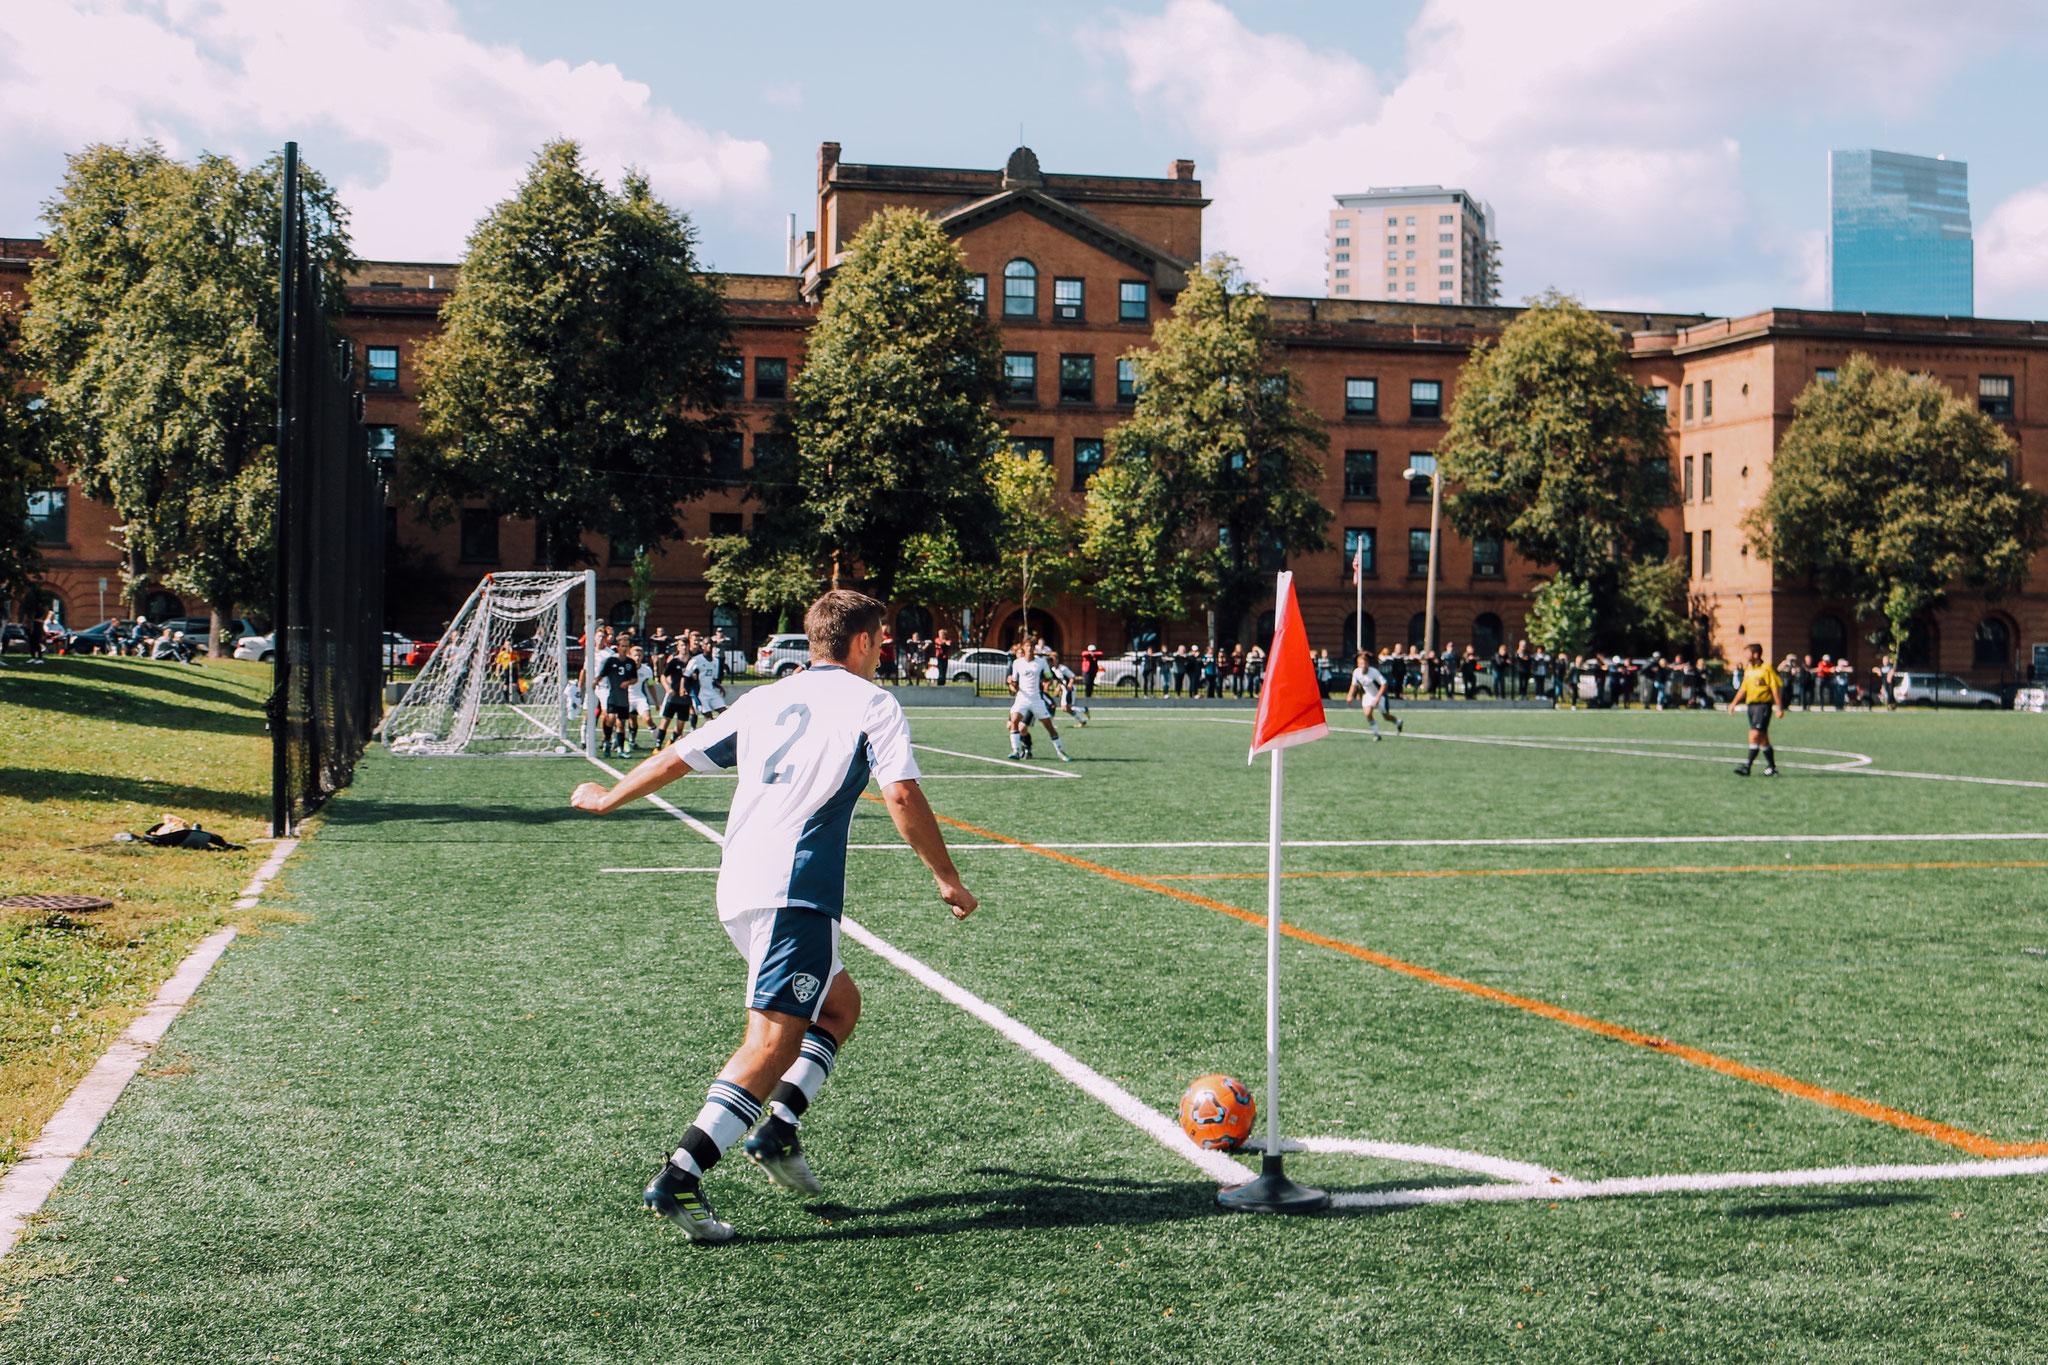 サッカードリブル神業フェイント 写真にはキャプション(説明)を入れたりページにリンクさせたりすることが出来ます。